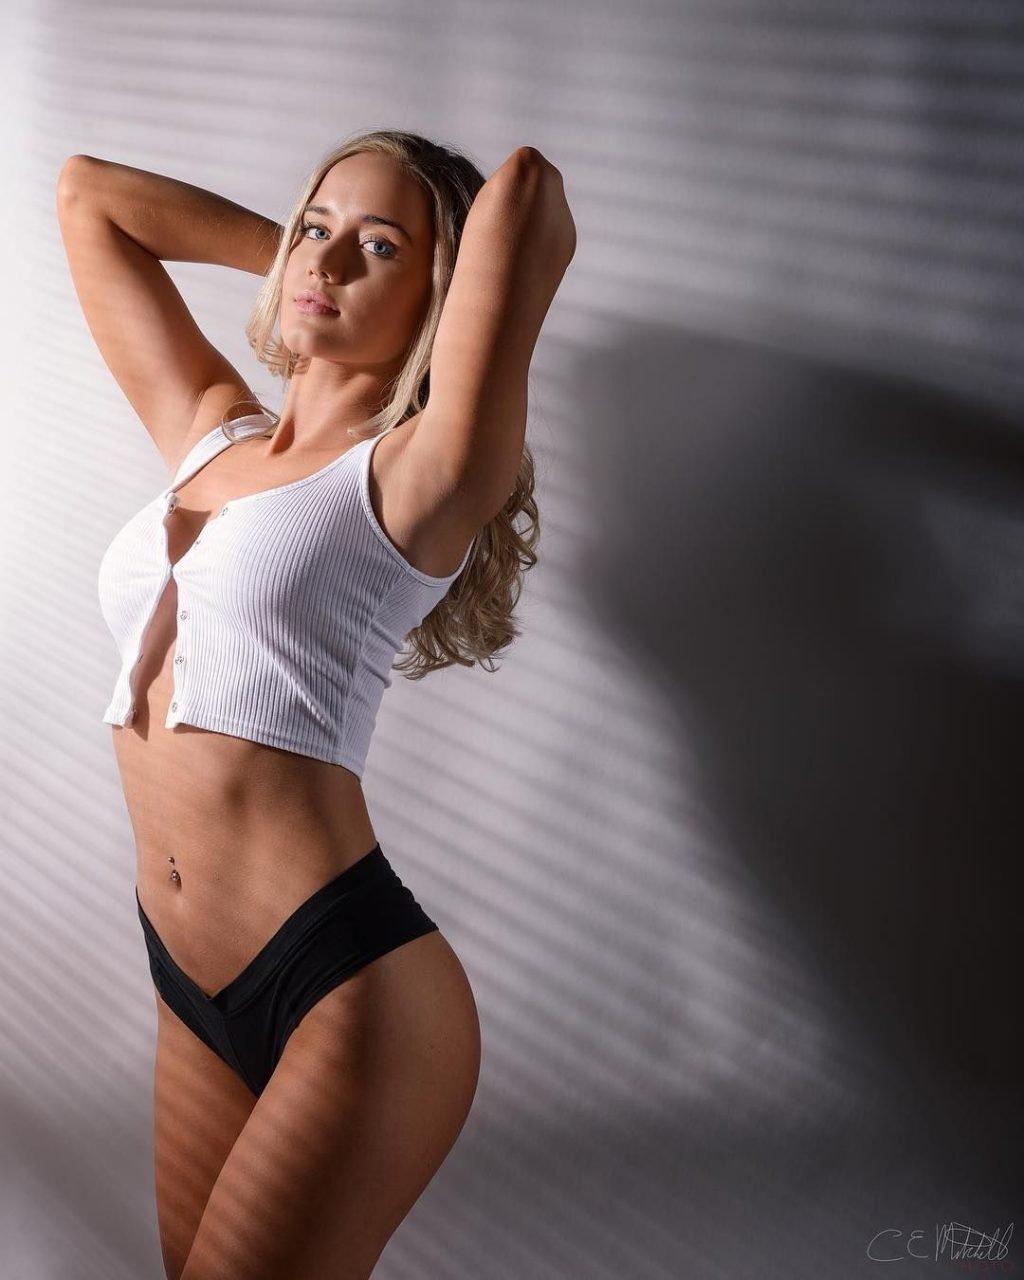 Derrion Keller Sexy (30 Photos)